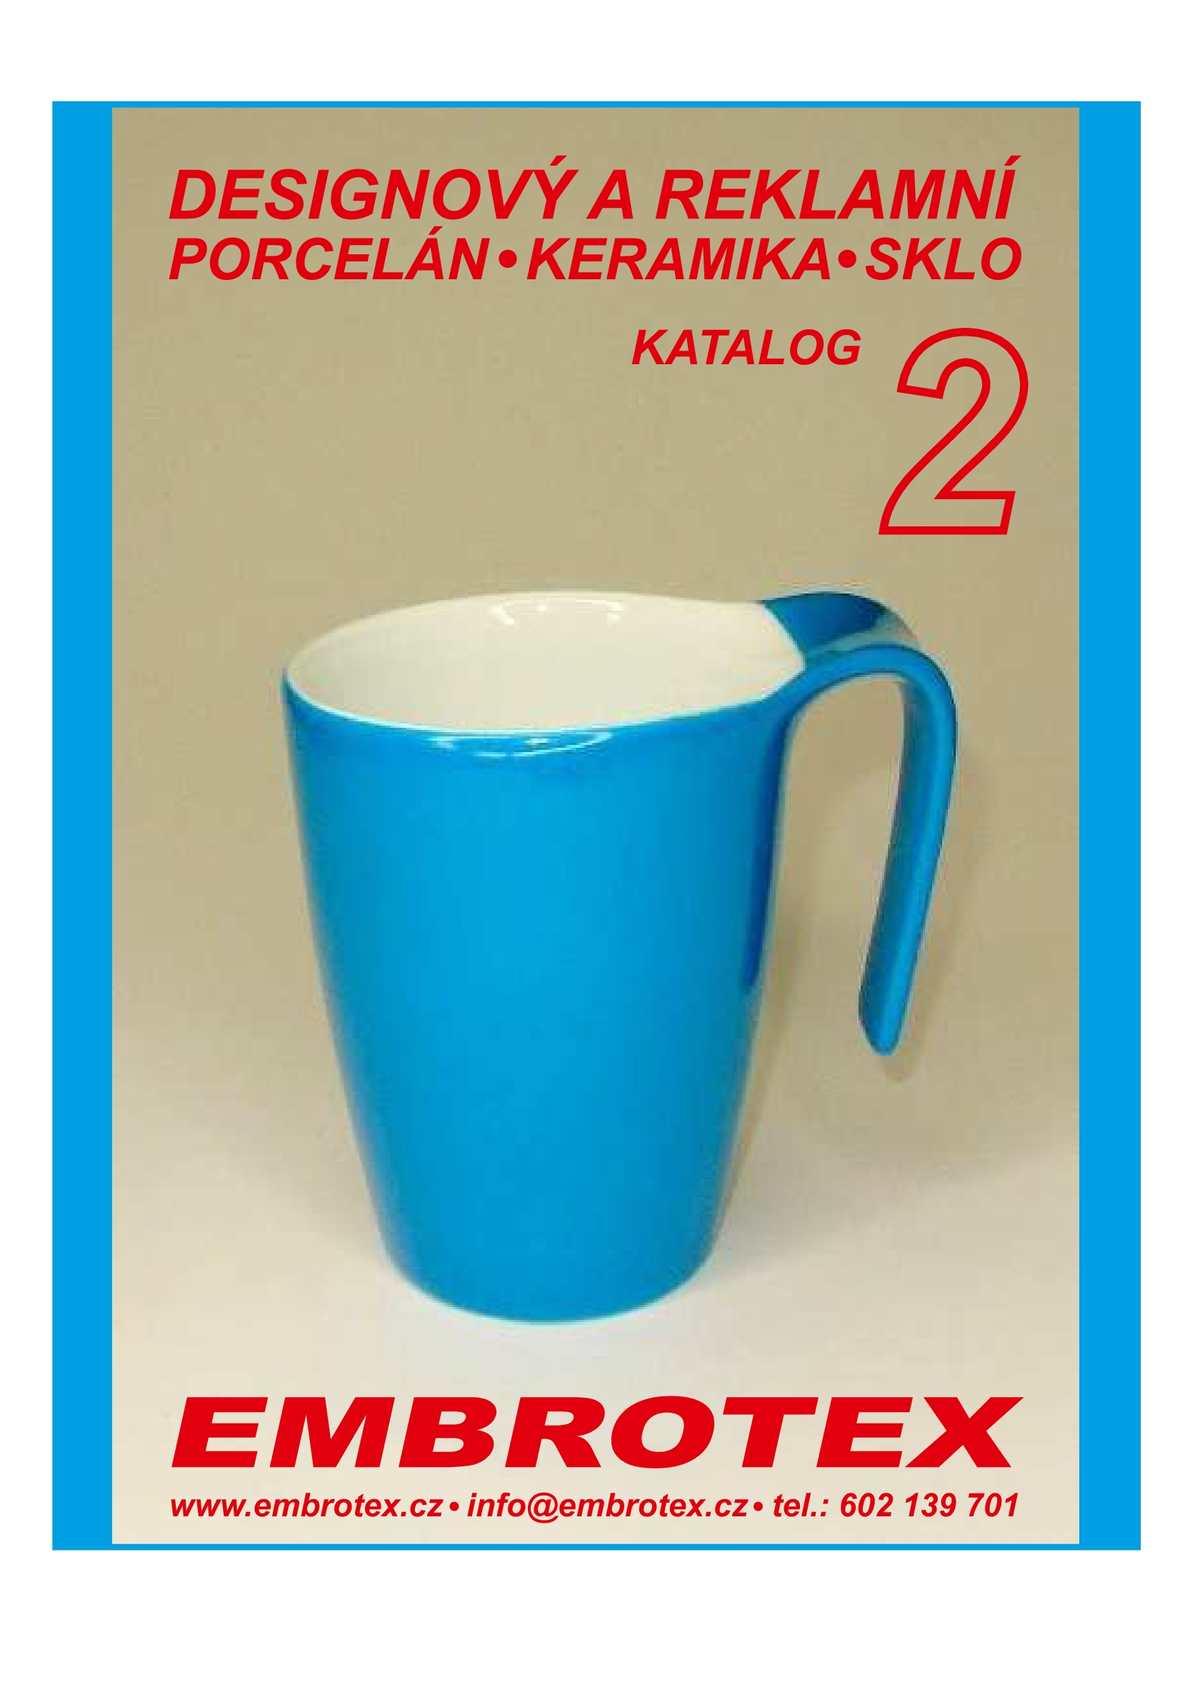 Designový reklamní porcelán 2 katalog